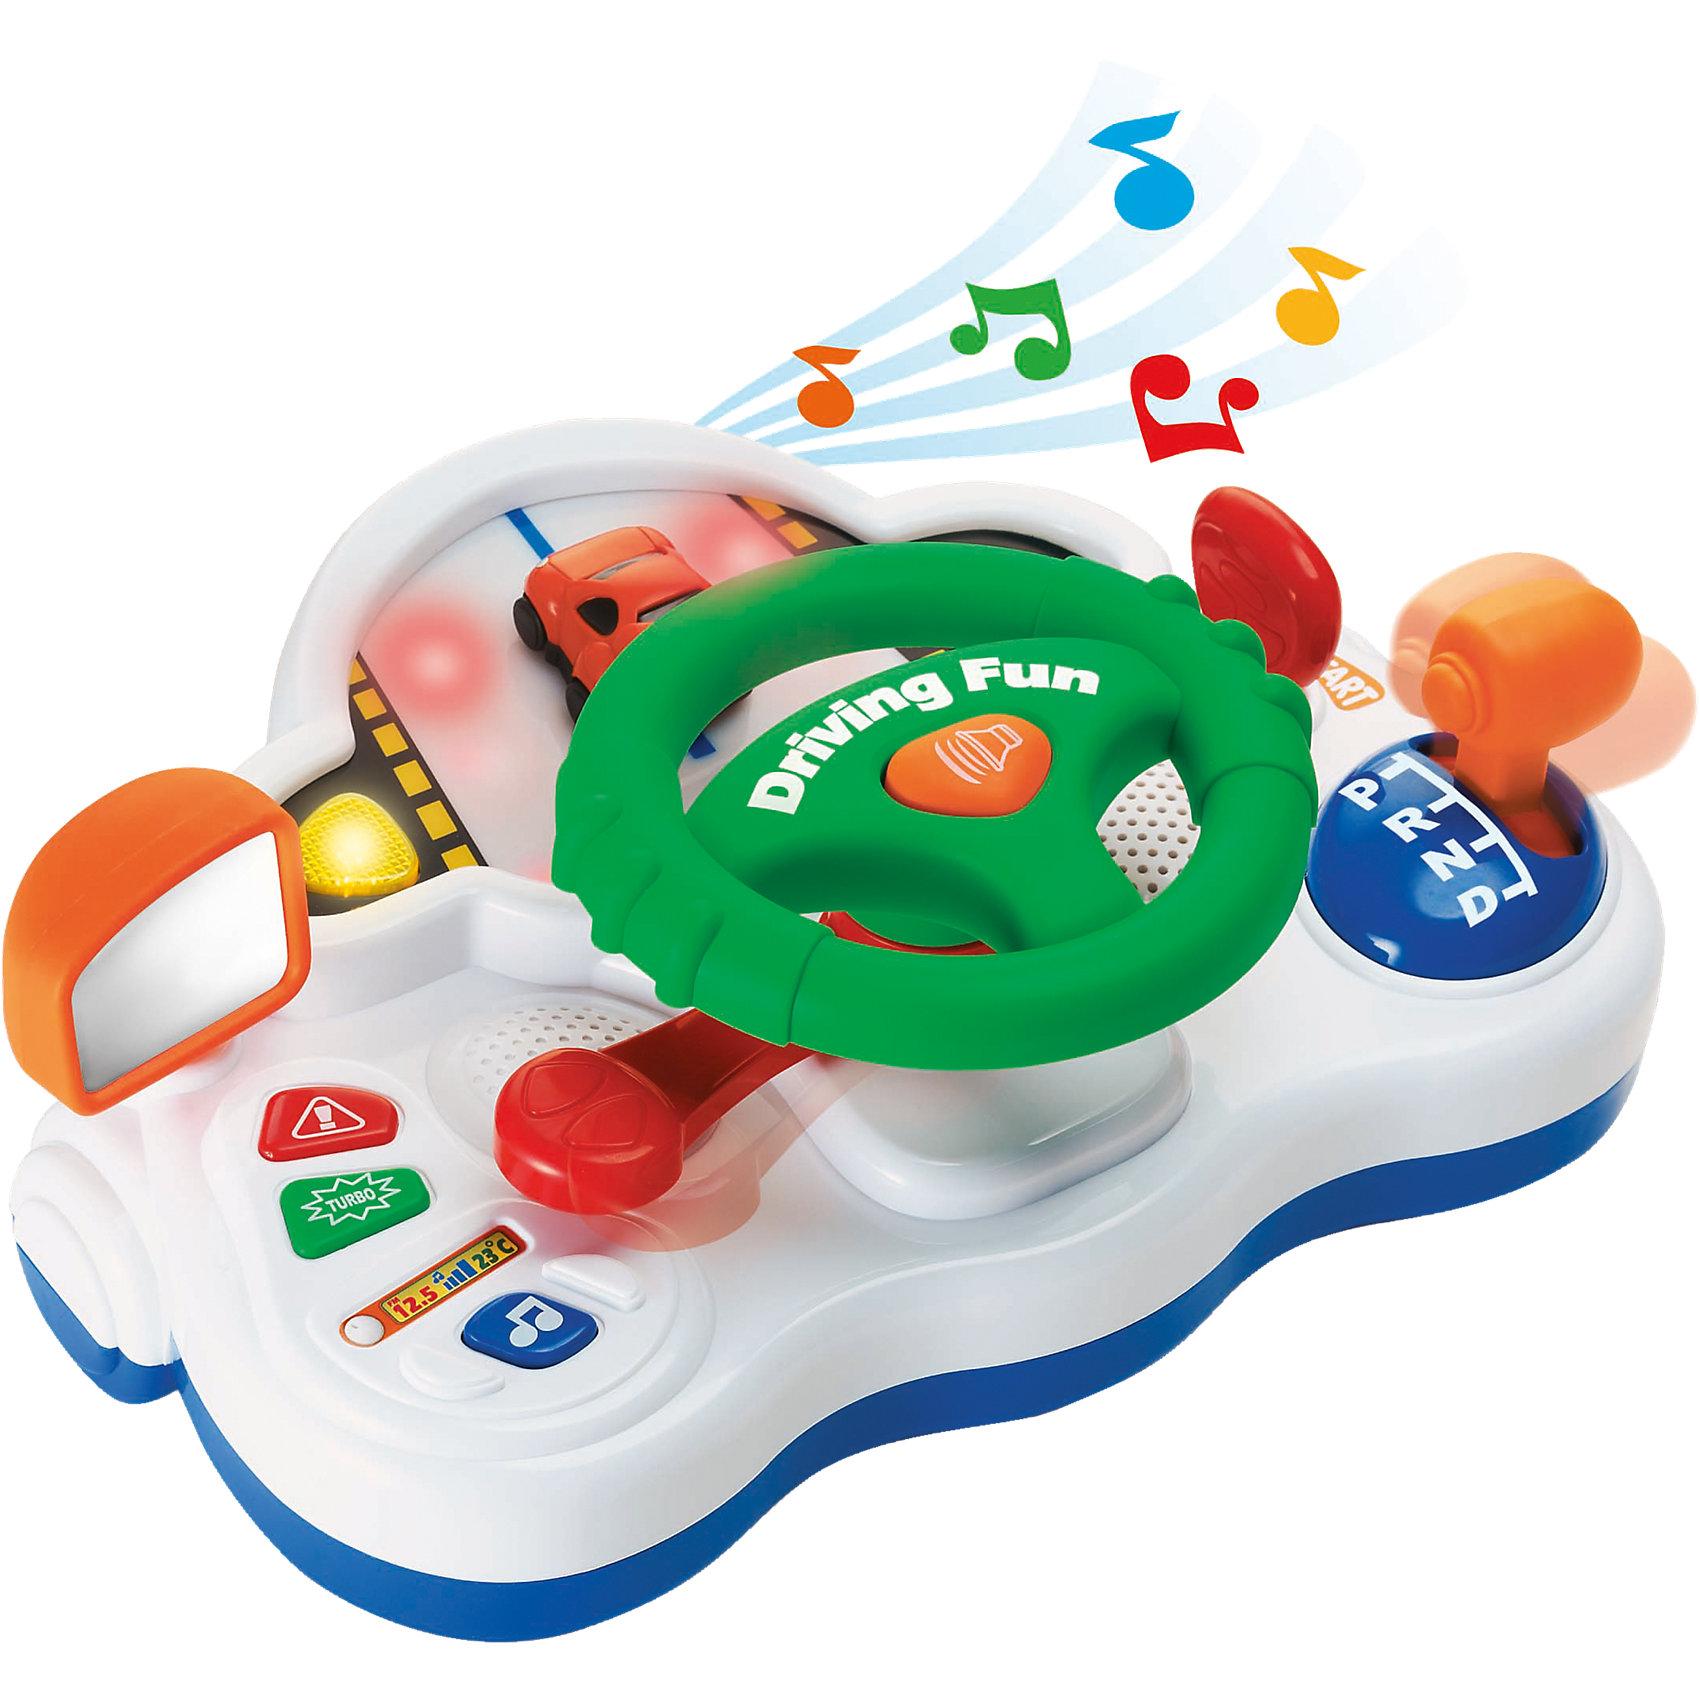 Игрушка Занимательное вождение, KeenwayРазвивающие игрушки<br>Фирма Keenway (Кинвэй) - известный производитель потрясающих наборов для сюжетно-ролевых игр. Помогите малышу стать заправским водителем уже в год - купите ему игрушку Занимательное вождение. В этой забавной на вид игрушки все сделано, как в настоящем автомобиле. Малыш сможет сам завести машину ключом, включить поворотники, а самое главное покрутить рулем и побибикать! Несмотря на наличие множества функций игрушка безопасна даже для совсем маленьких автолюбителей. Игрушка дополнена боковым зеркалом, а перед глазами малыша есть маленькая машинка. Благодаря чудесным звуковым и световым эффектам играть в водителя будет еще веселее! Играя с набором малыш развивает моторику рук, сообразительность и координацию.<br><br>Дополнительная информация: <br><br>- Набор безопасен даже для маленьких детей;<br>- Развивает фантазию и мышление;<br>- Прекрасные звуковые и световые эффекты;<br>- Множество кнопочек и рычажков;<br>- Руль крутится;<br>- Автоматическая коробка передач;<br>- Потрясающий подарок;<br>- Тип батареек: 3 x AA / LR6 1.5V (в комплекте);<br>- Размер упаковки: 25,4 х 31,8 х 15,2 см;<br>- Вес: 1 кг<br><br>Игрушку Занимательное вождение, Keenway (Кинвэй) можно купить в нашем интернет-магазине<br><br>Ширина мм: 254<br>Глубина мм: 318<br>Высота мм: 152<br>Вес г: 1000<br>Возраст от месяцев: 36<br>Возраст до месяцев: 60<br>Пол: Мужской<br>Возраст: Детский<br>SKU: 4001672